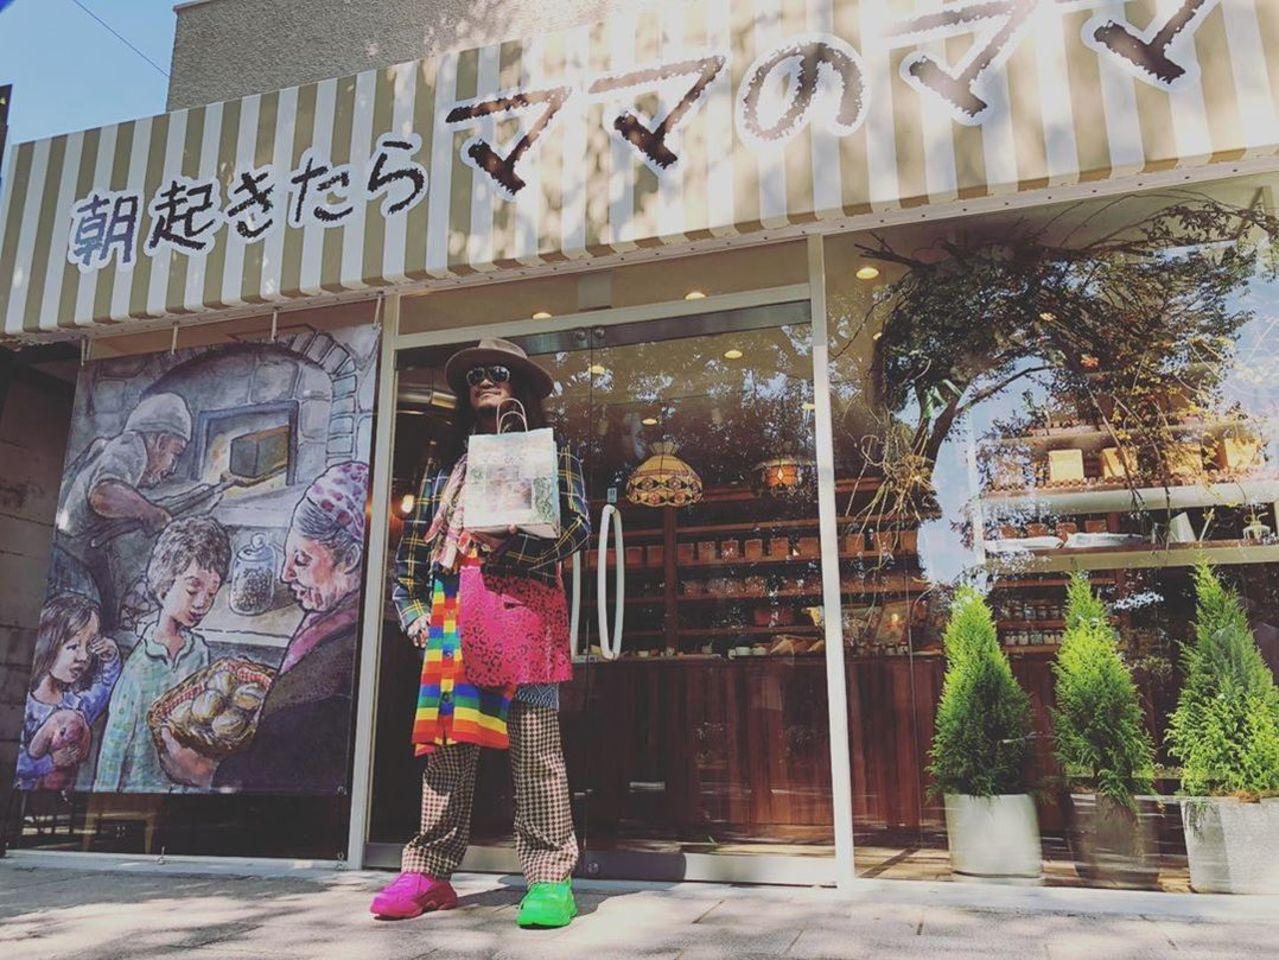 京都市北区上賀茂桜井町に高級食パン専門店「朝起きたらママのママ」が本日オープンのようです。